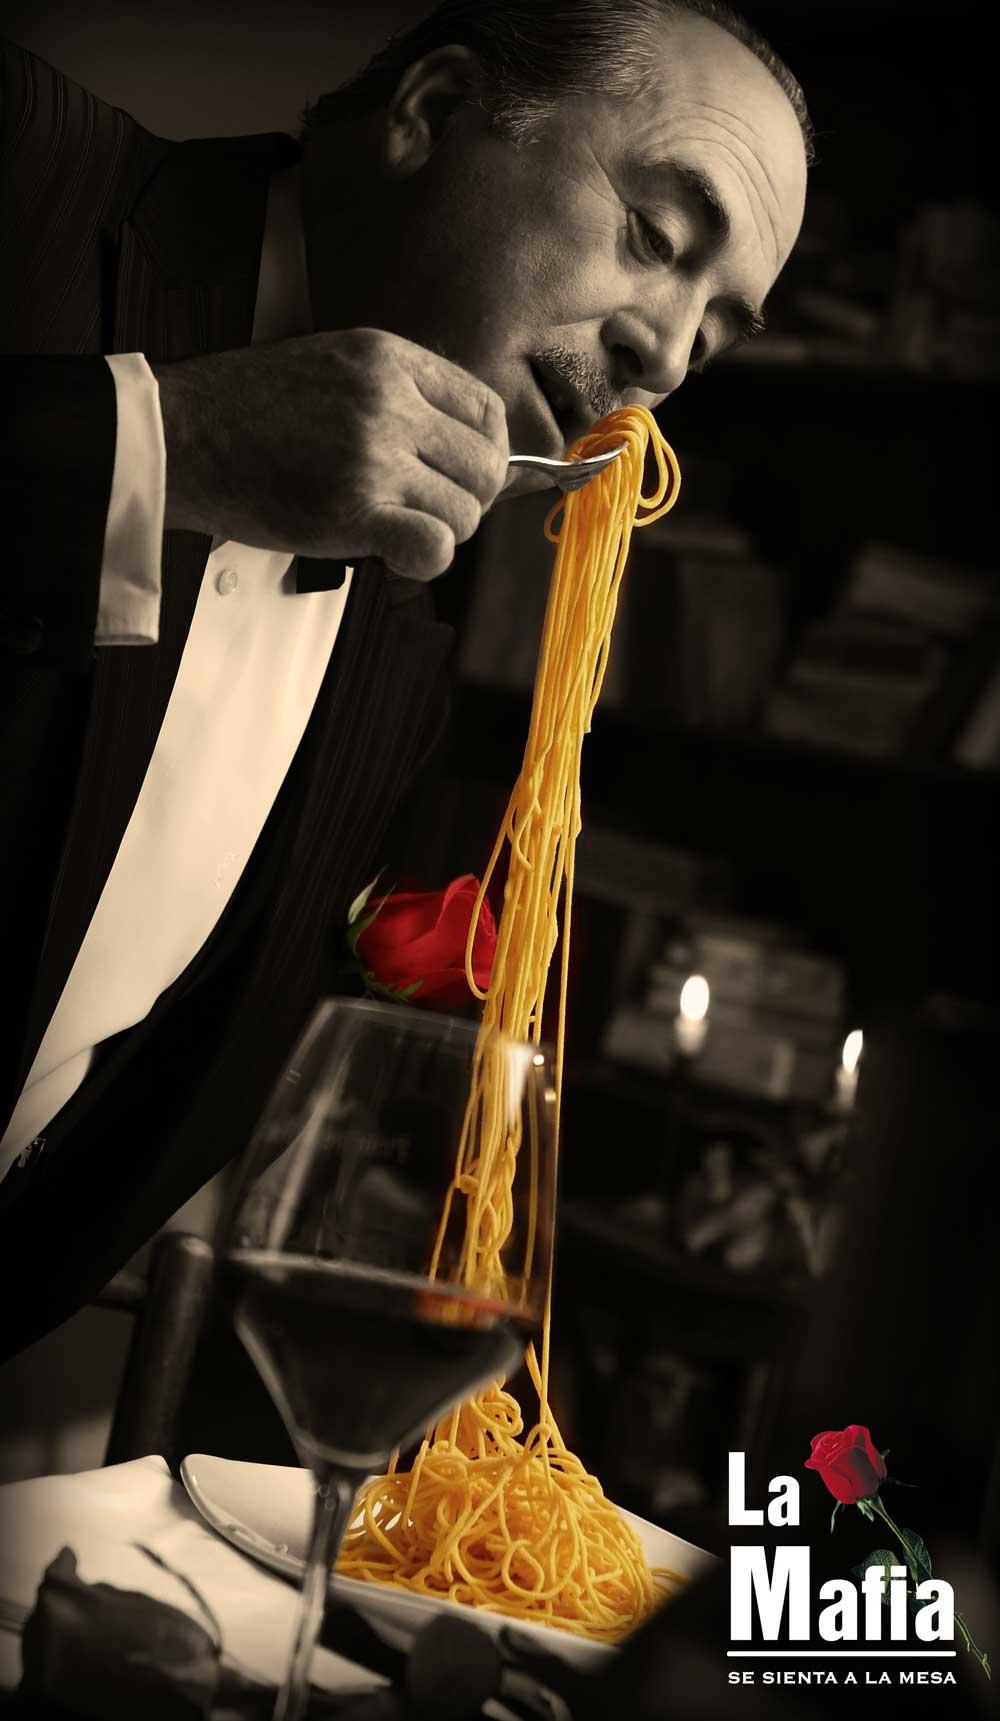 la-mafia-ristorante-logo-spaghetti